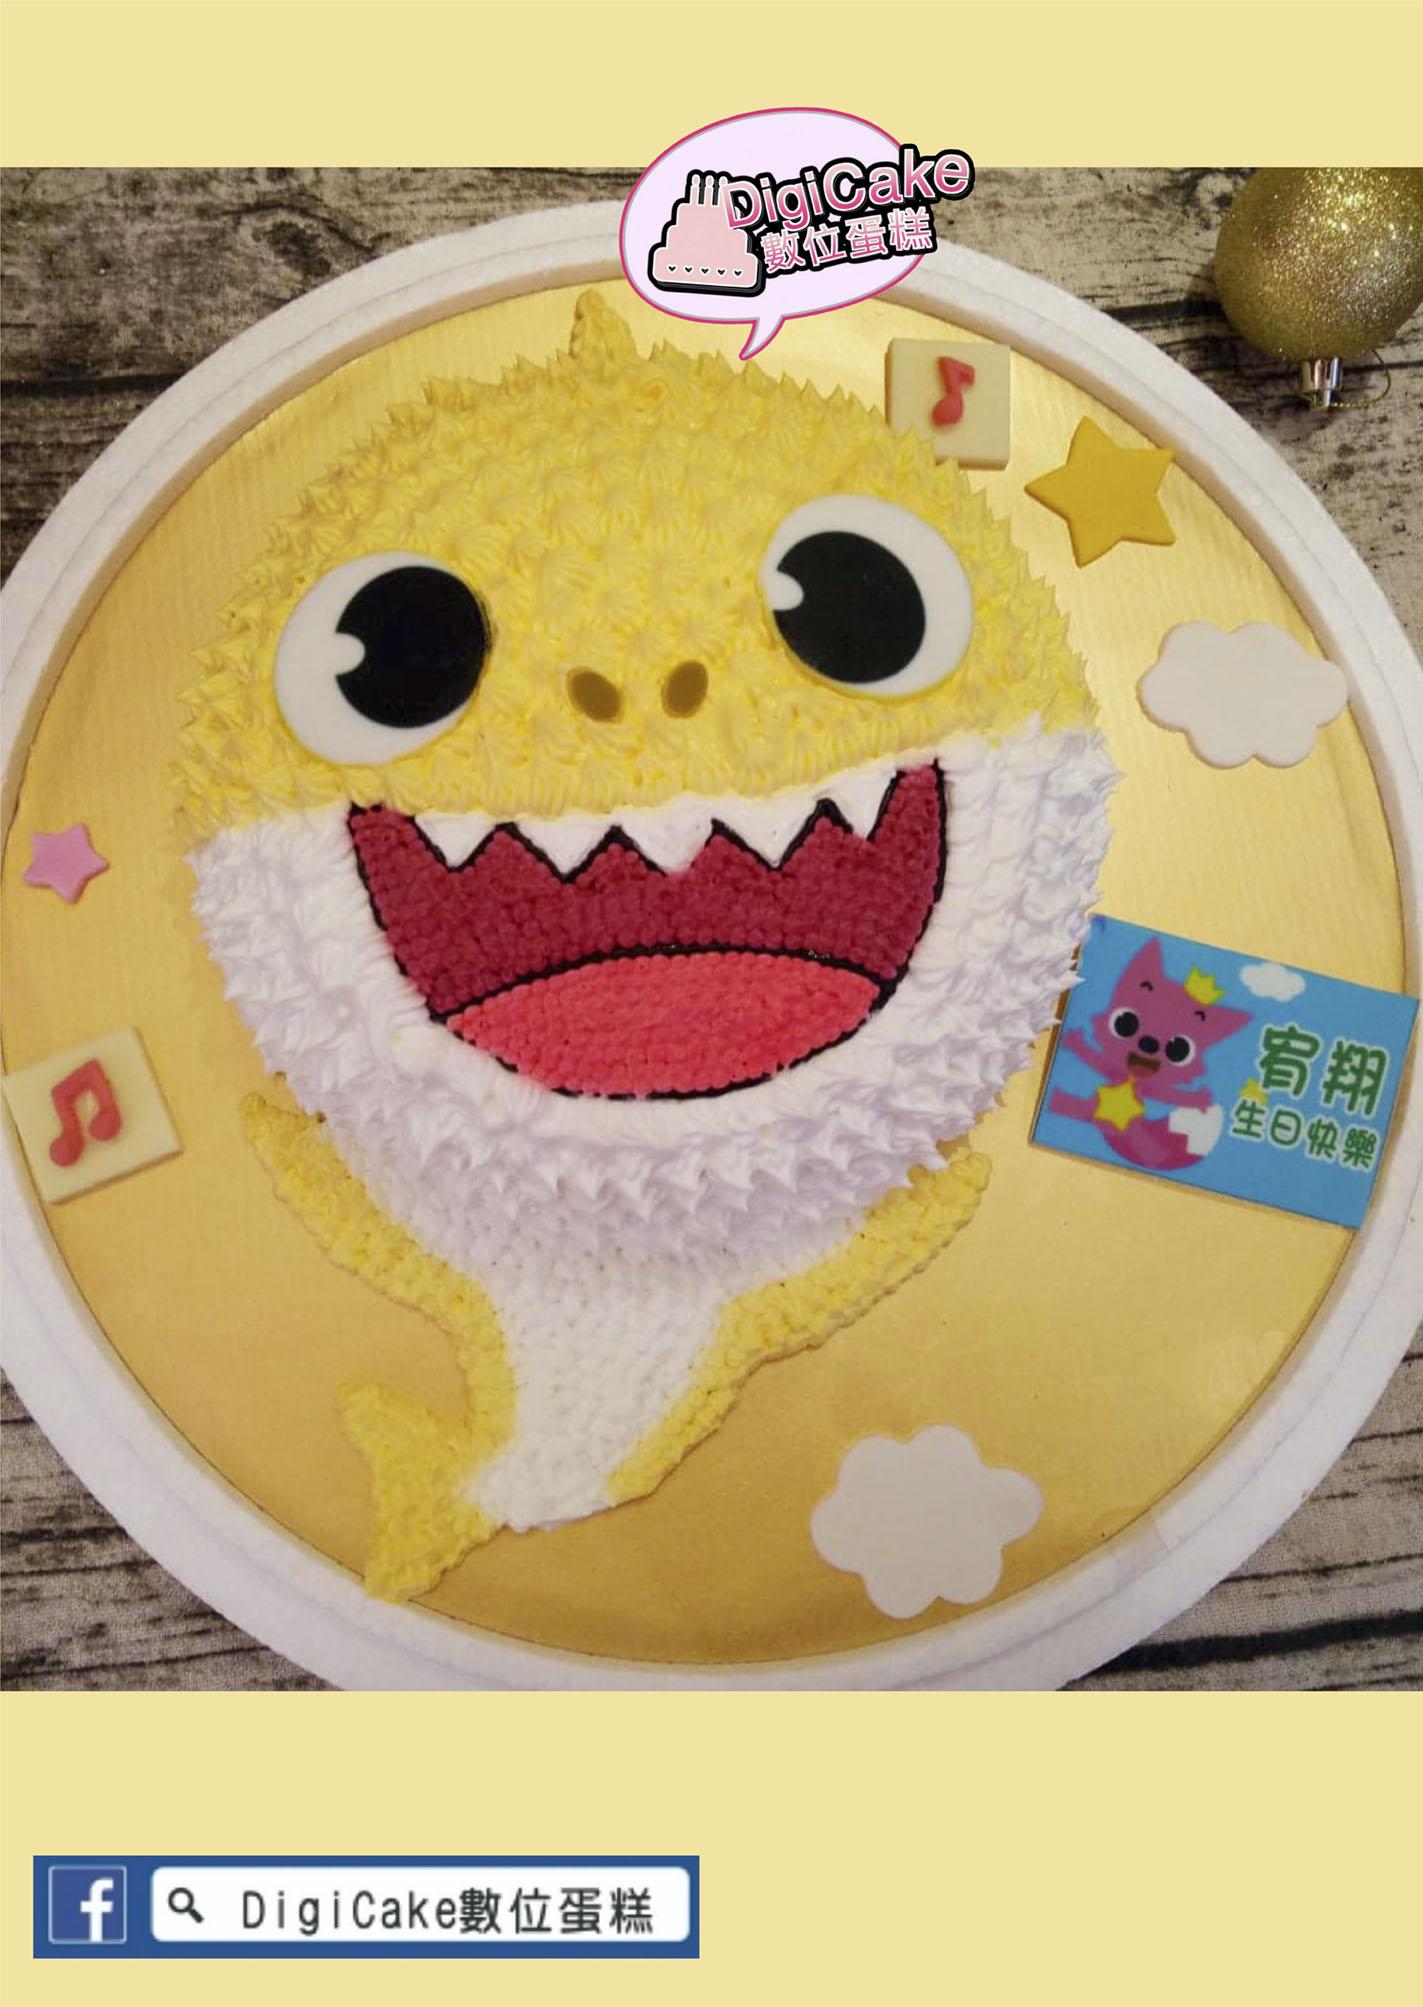 點此進入鯊魚寶貝整身造型蛋糕的詳細資料!